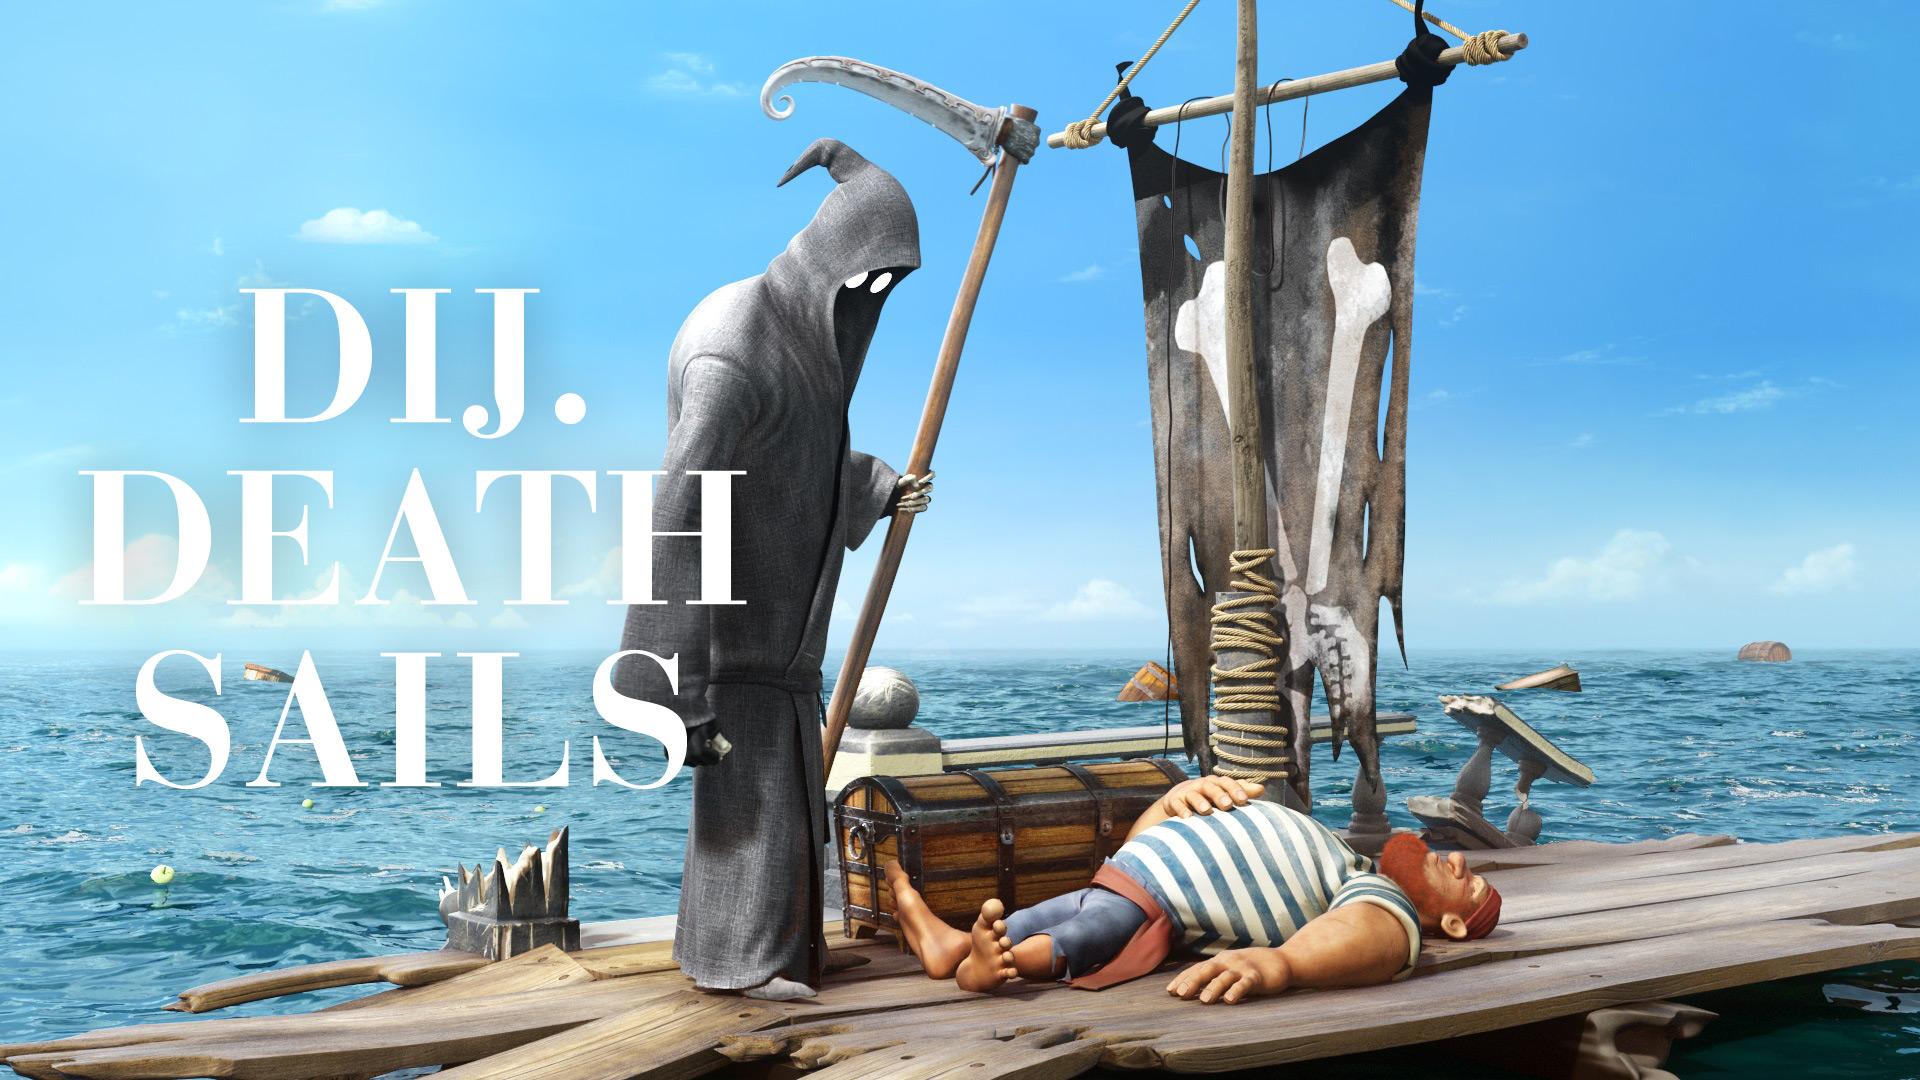 Dij. Death Sails